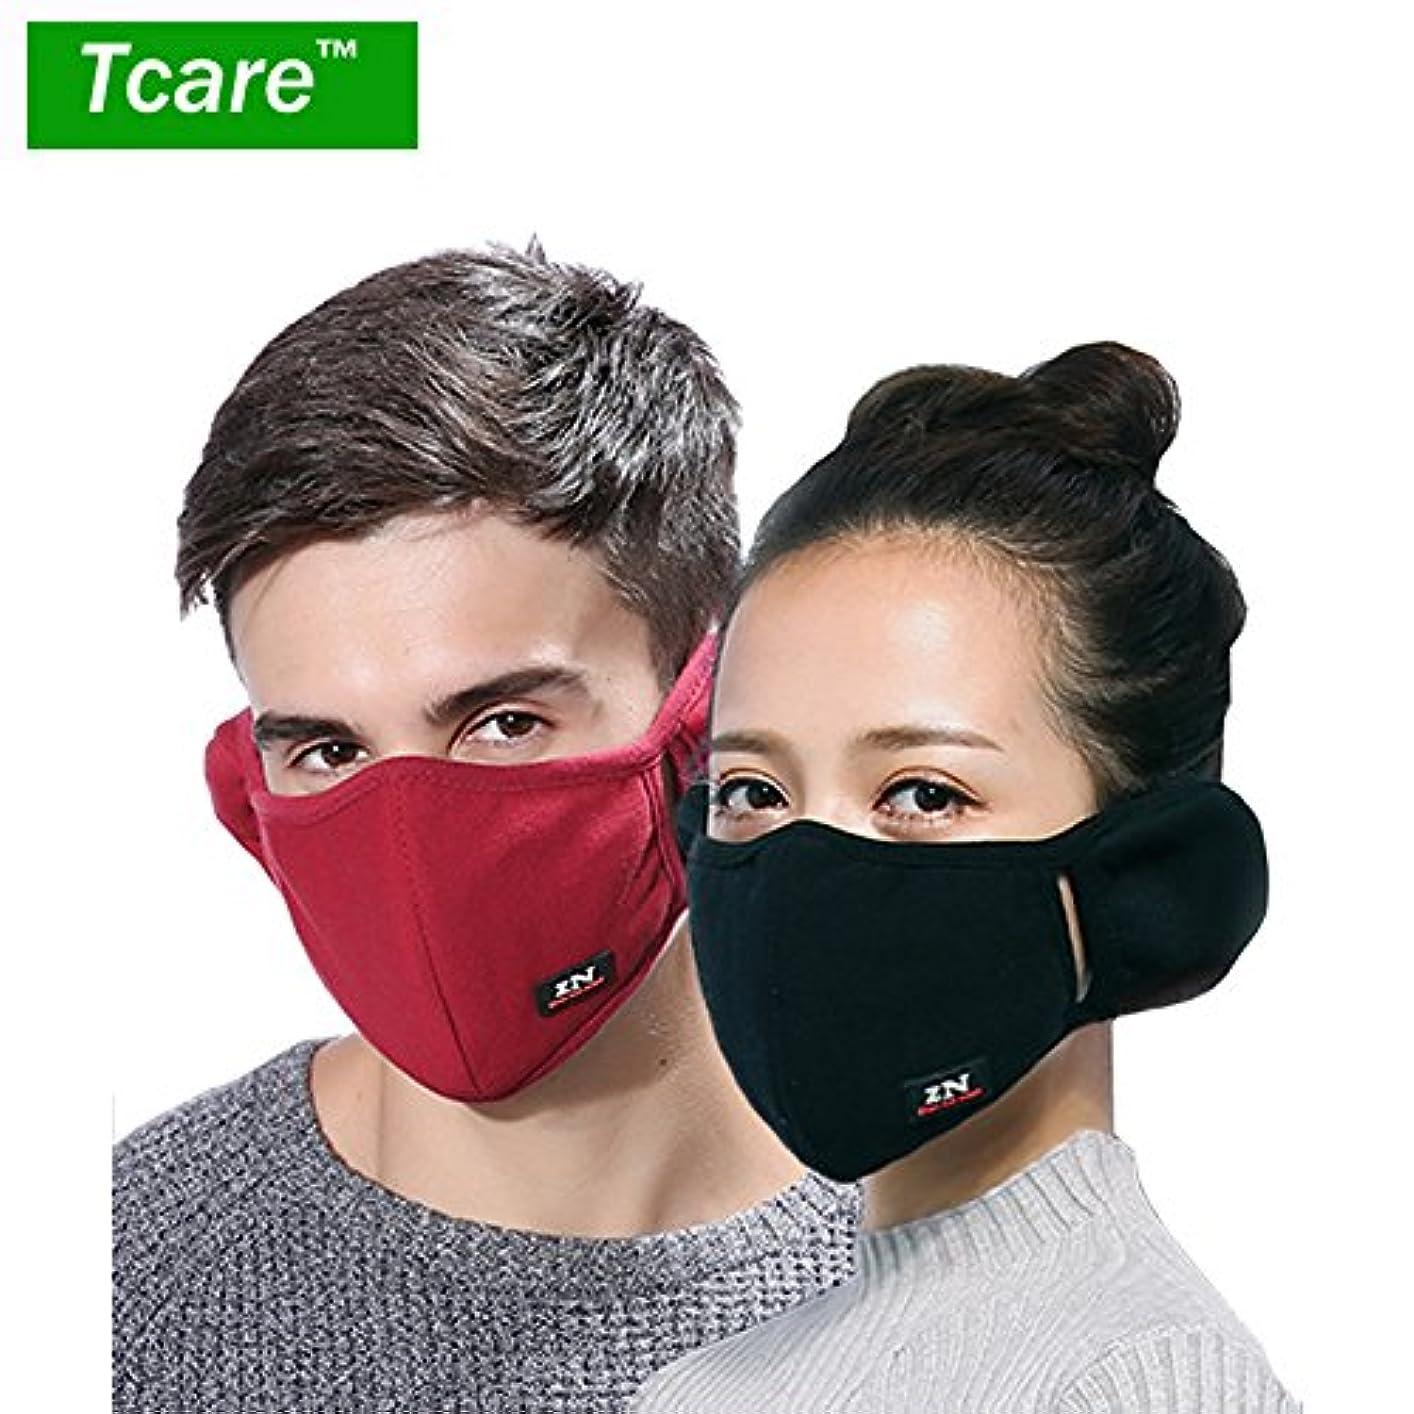 住所恥プライバシー男性女性の少年少女のためのTcare呼吸器2レイヤピュアコットン保護フィルター挿入口:1レッド